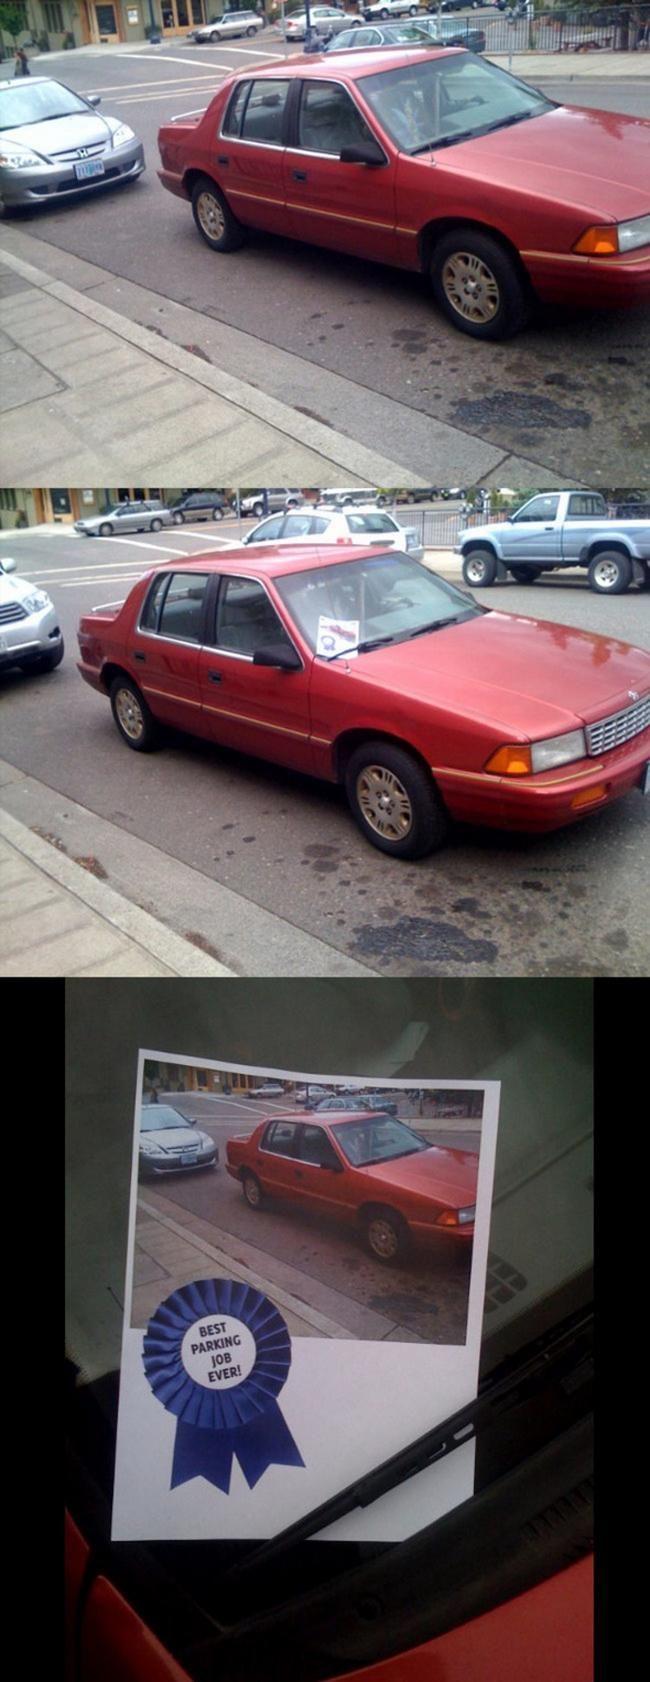 estacionaste-en-el-lugar-equivocado-18